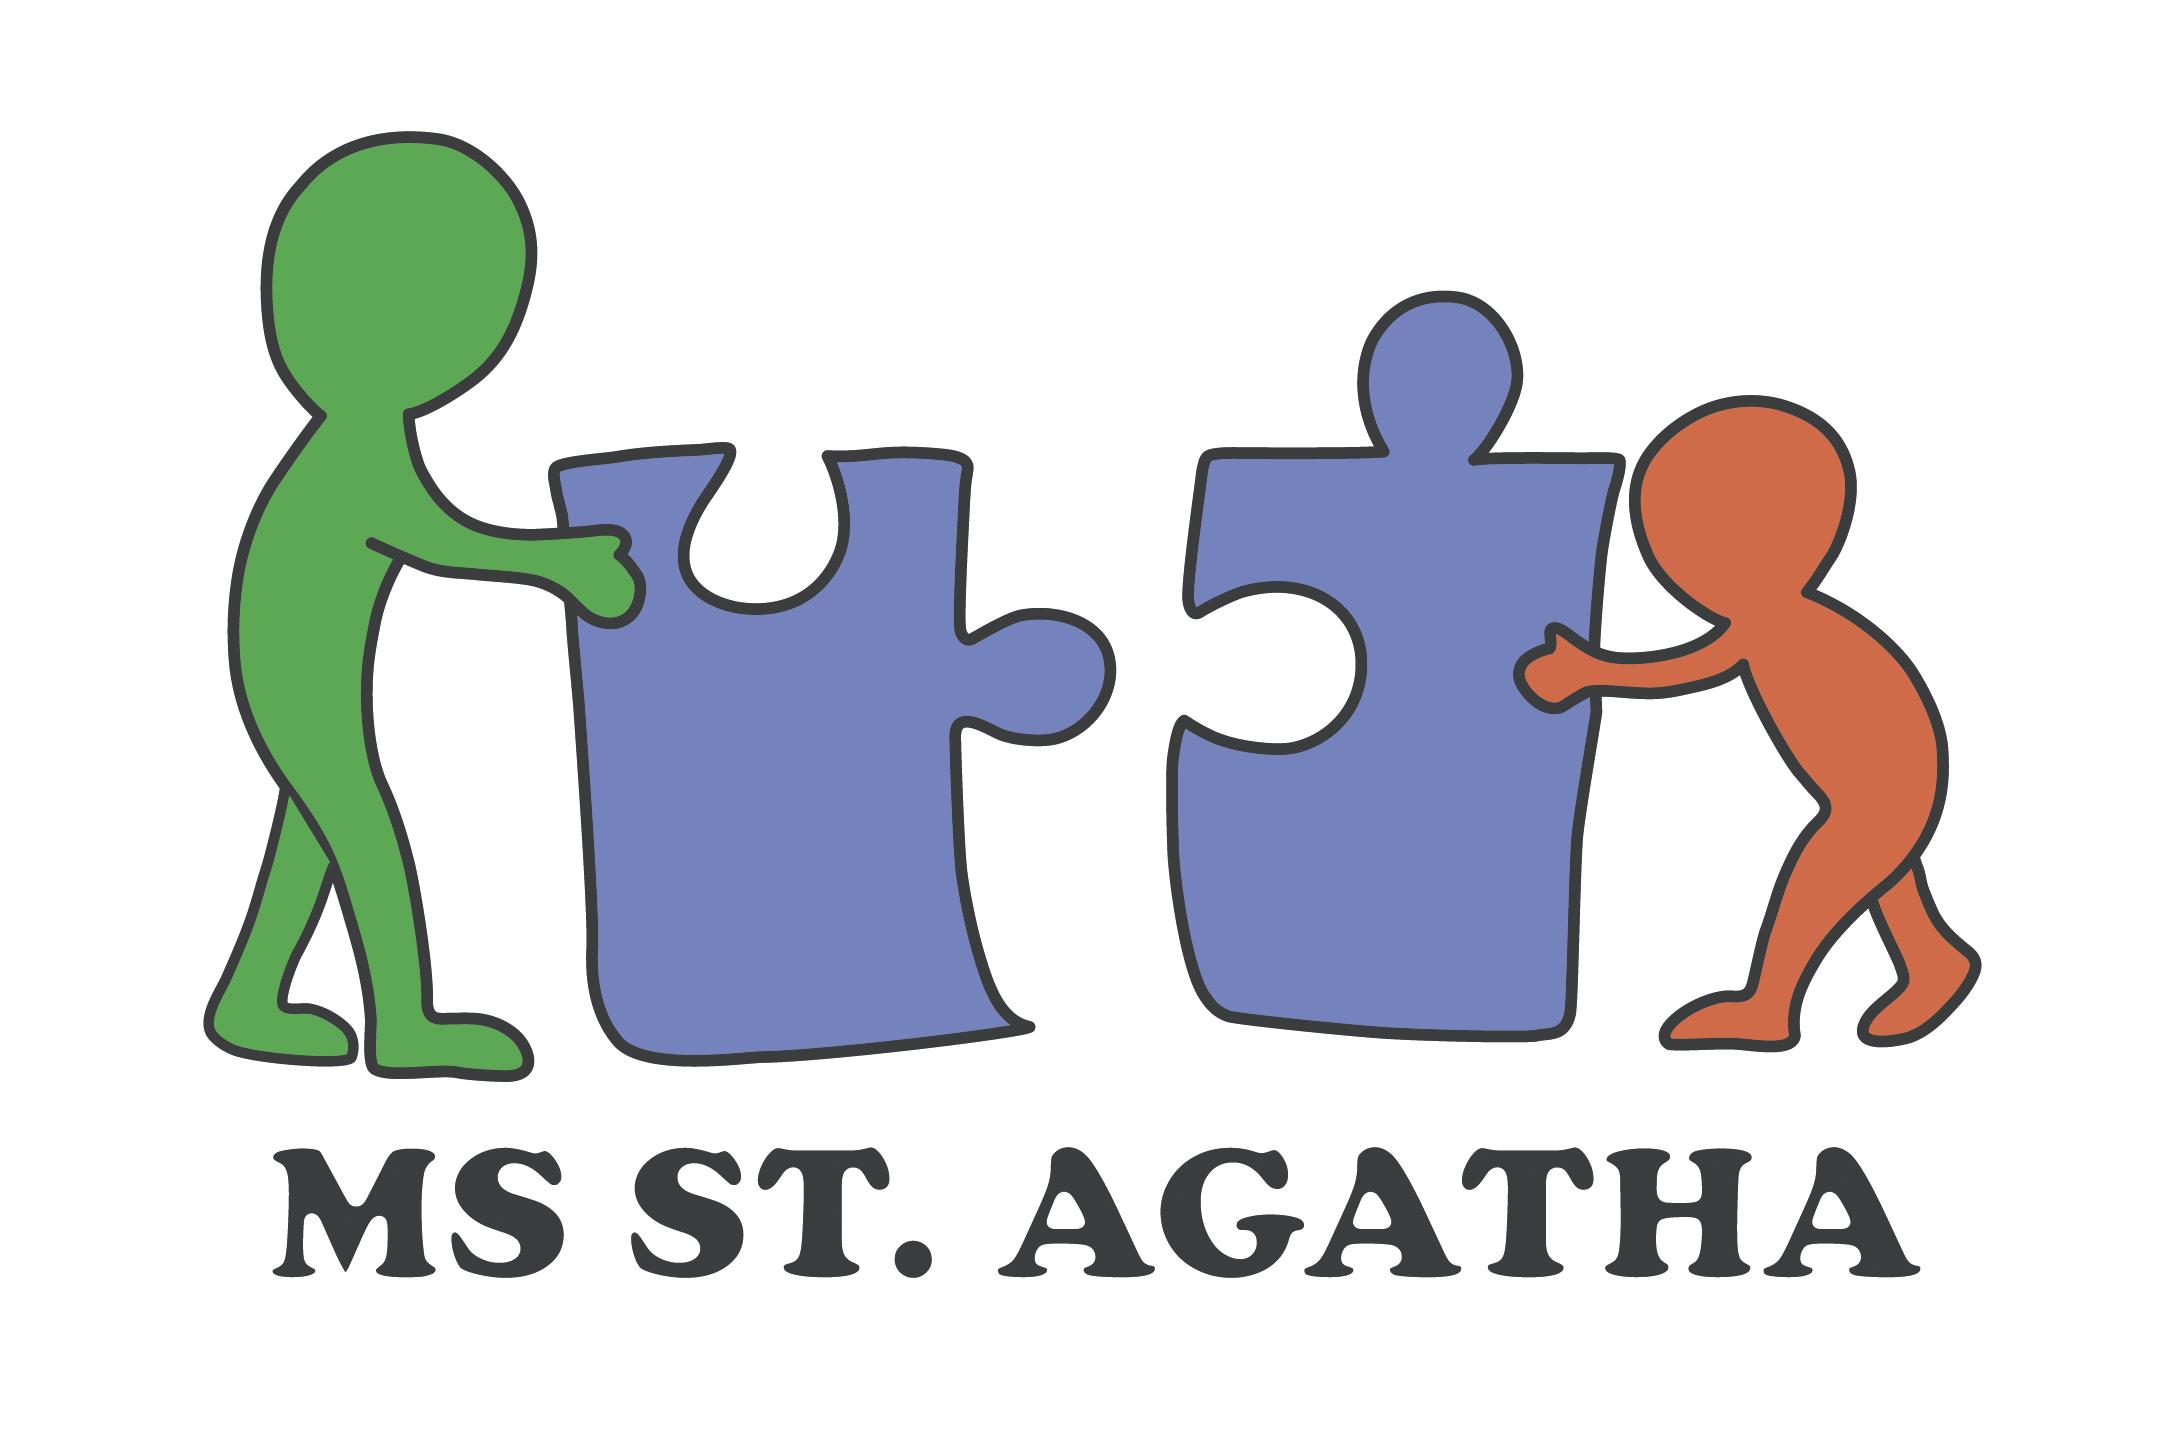 NMS ST. AGATHA